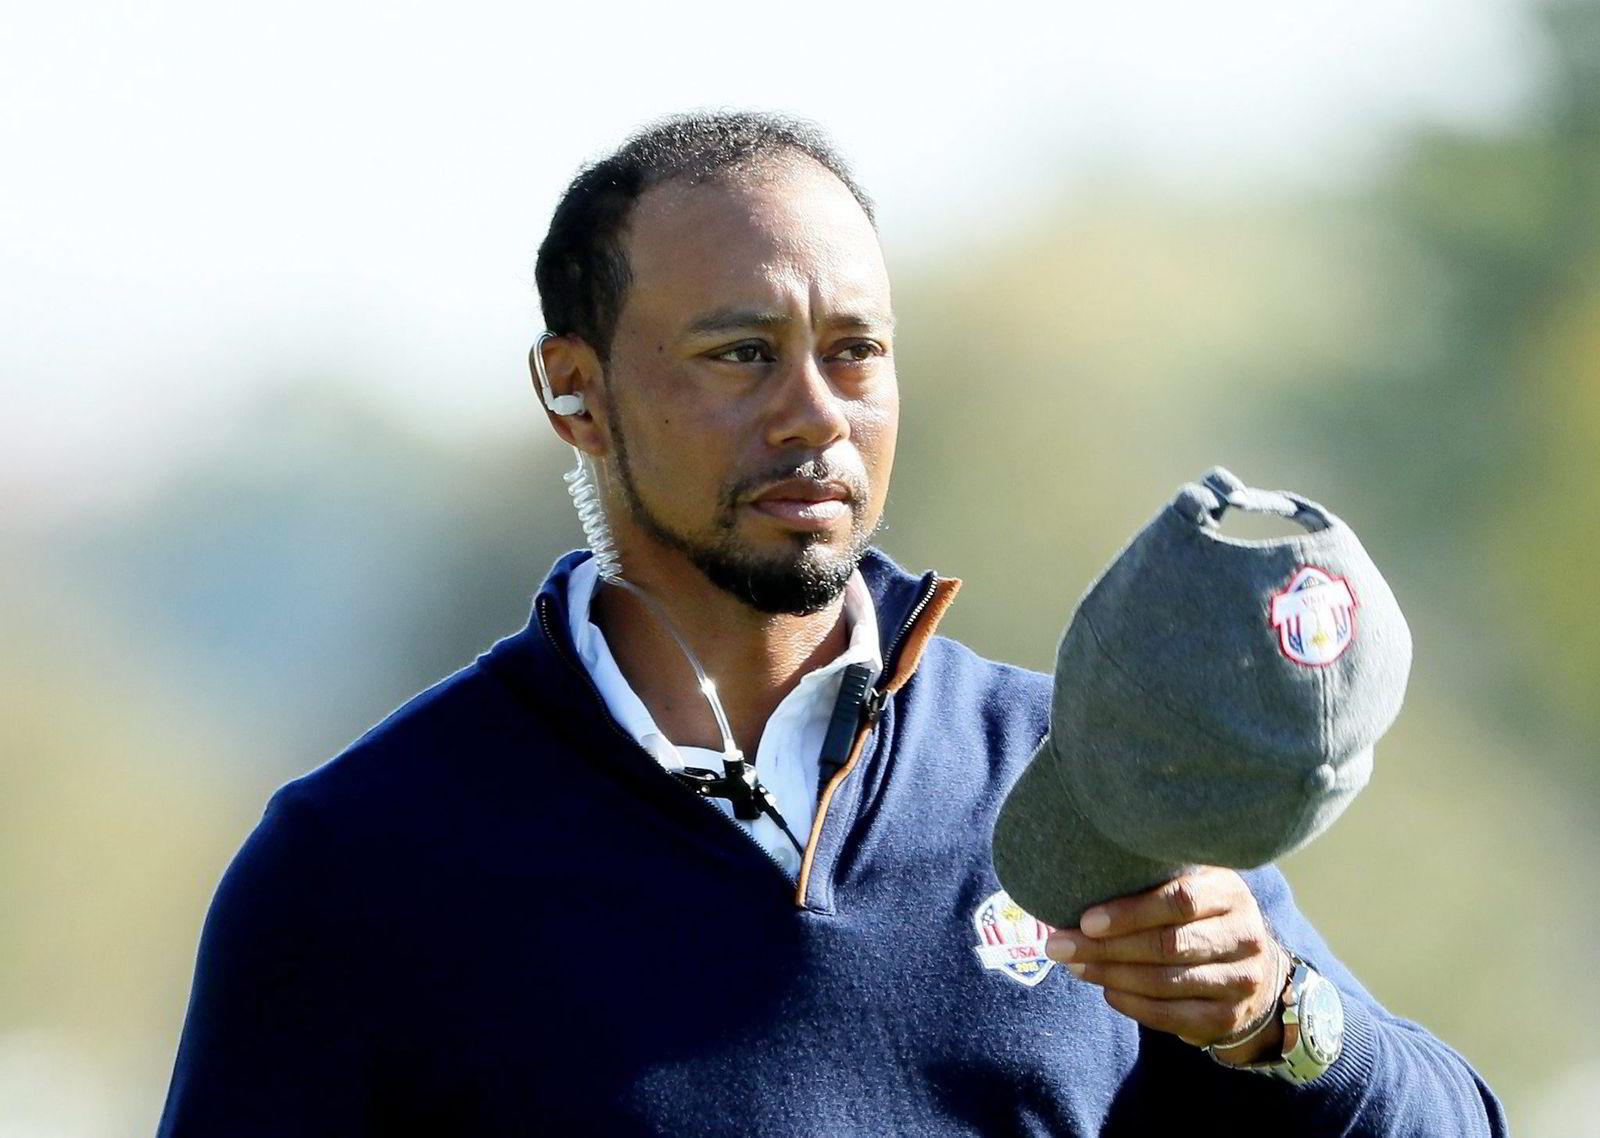 Selskaper som Gillette, Gatorade og TAG Heuer droppet Tiger Woods etter at utroskapshistorier begynte å florere i 2009. Nike sto ved sin store stjerne.